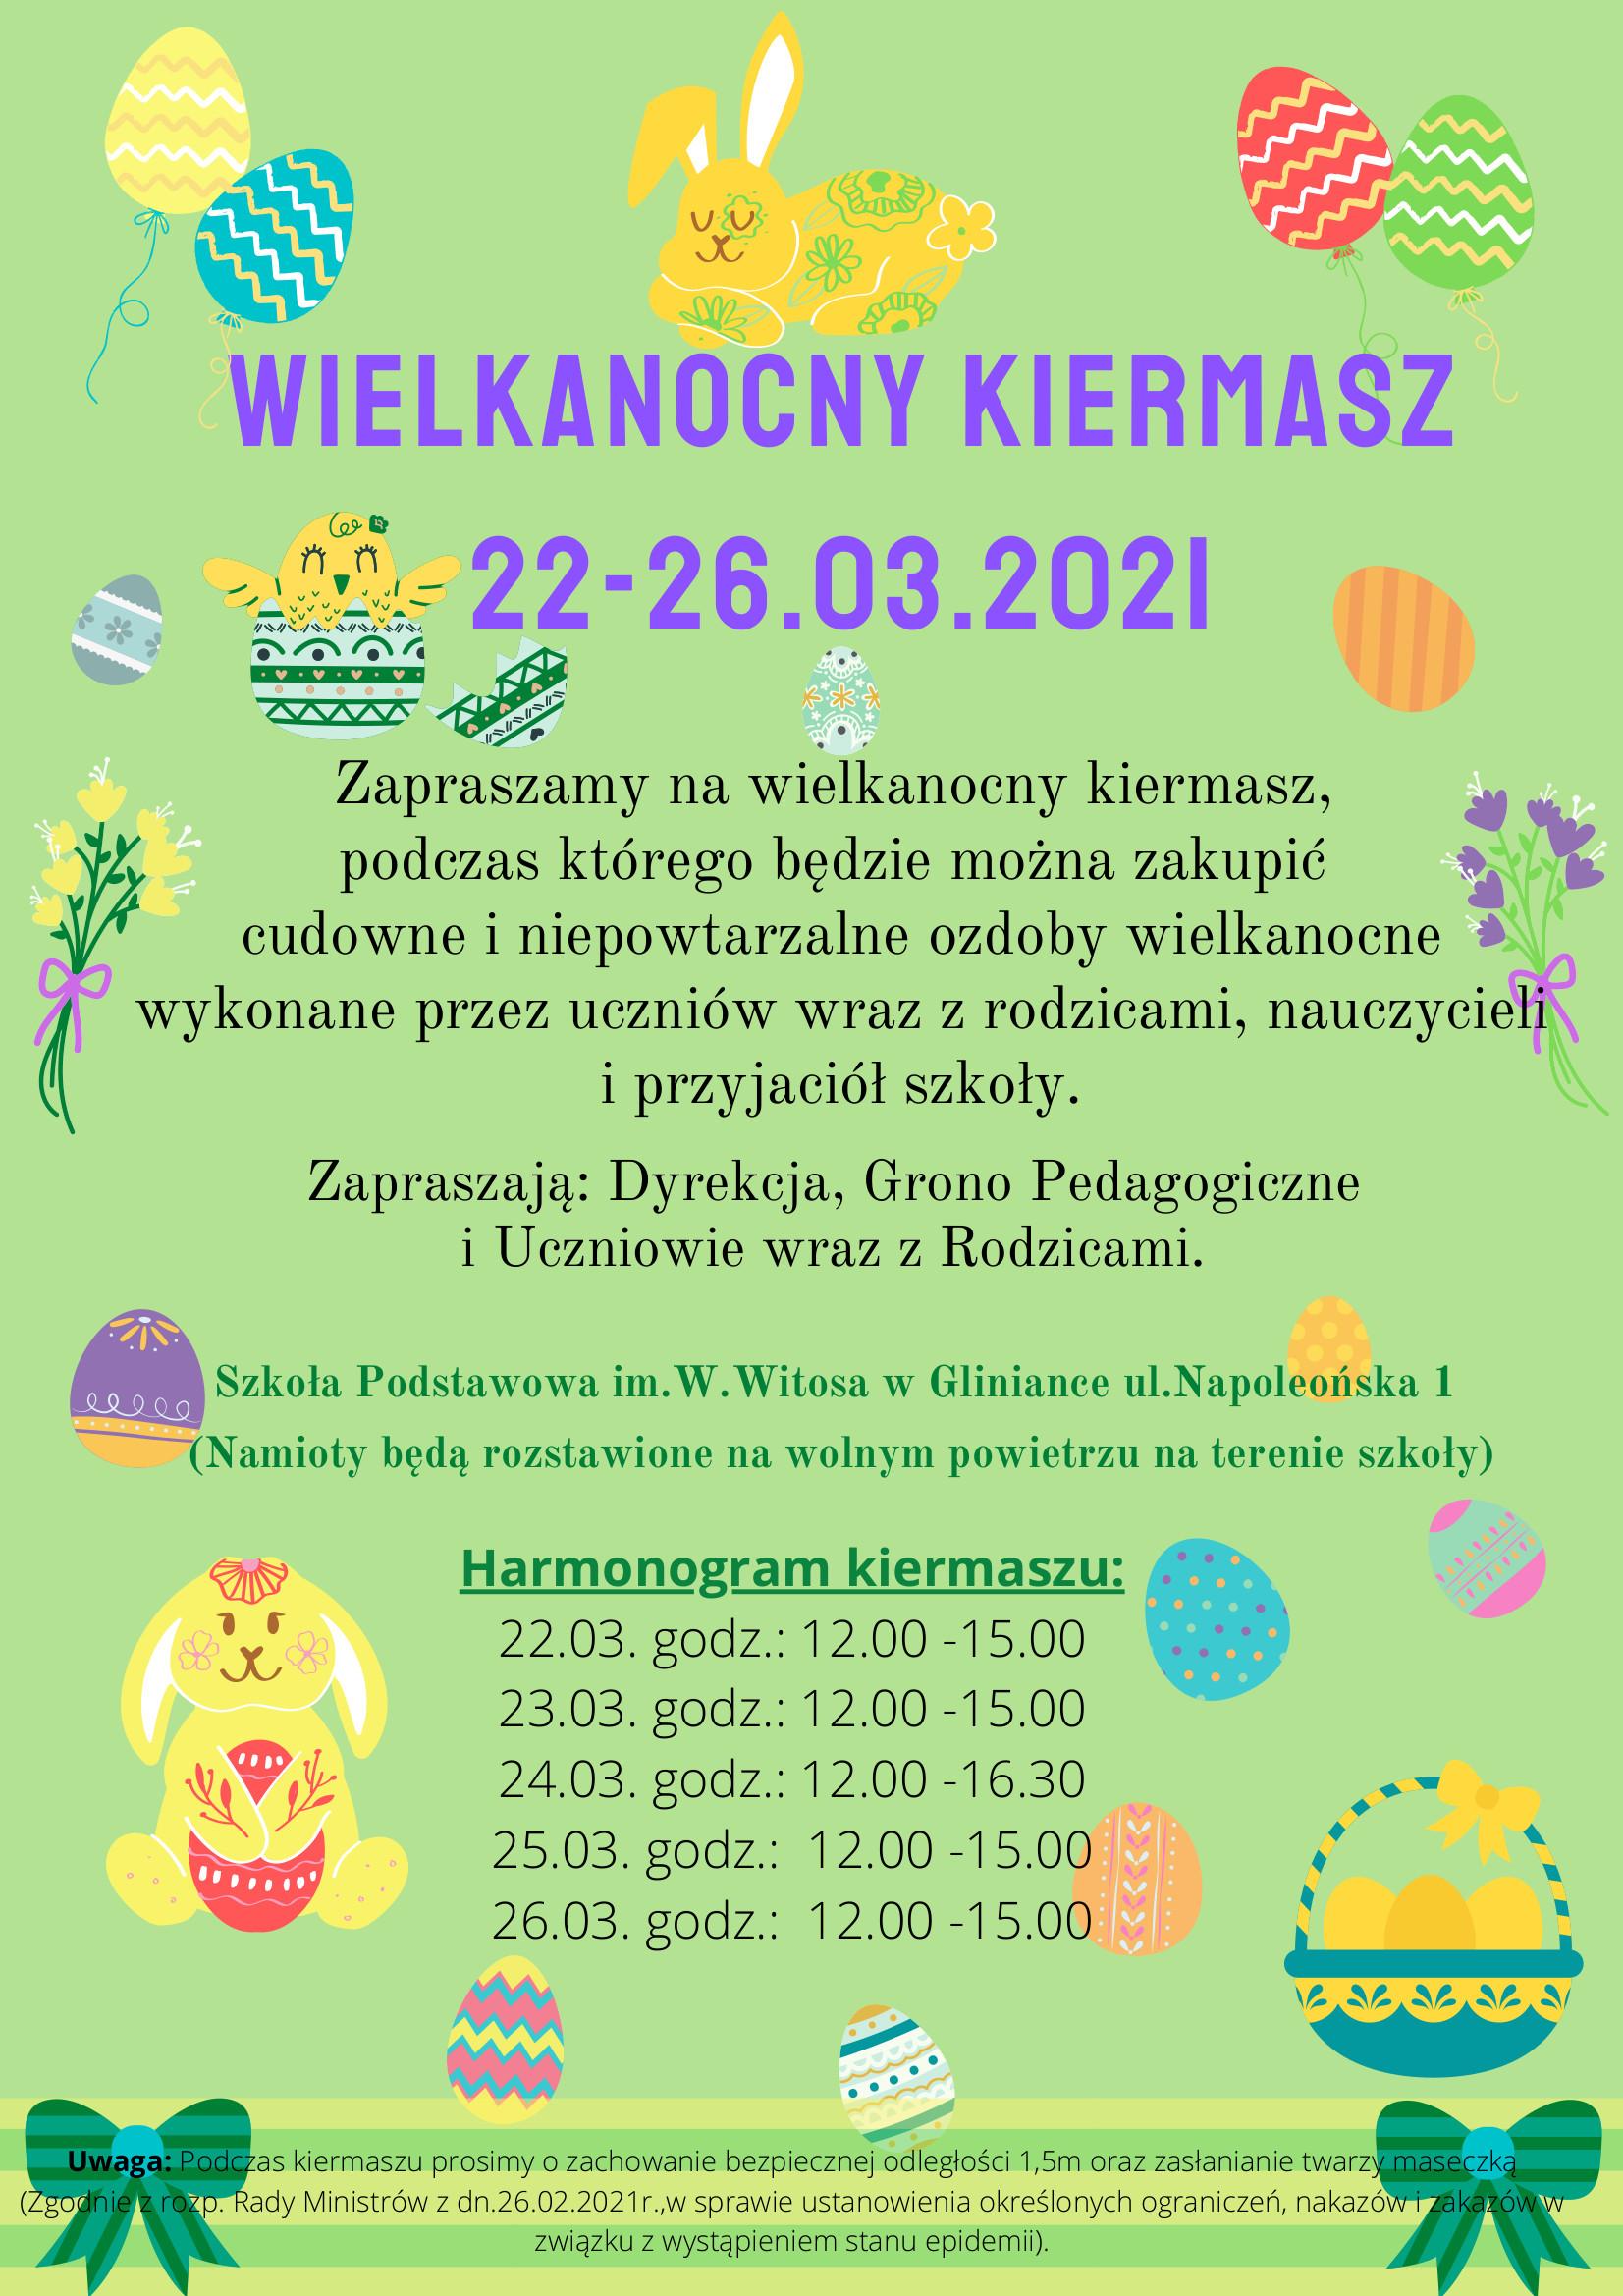 Plakat KIermaszu Wielkanocnego organizowanego przy szkole podstawowej w Gliniance w dniach 22 - 26 marca